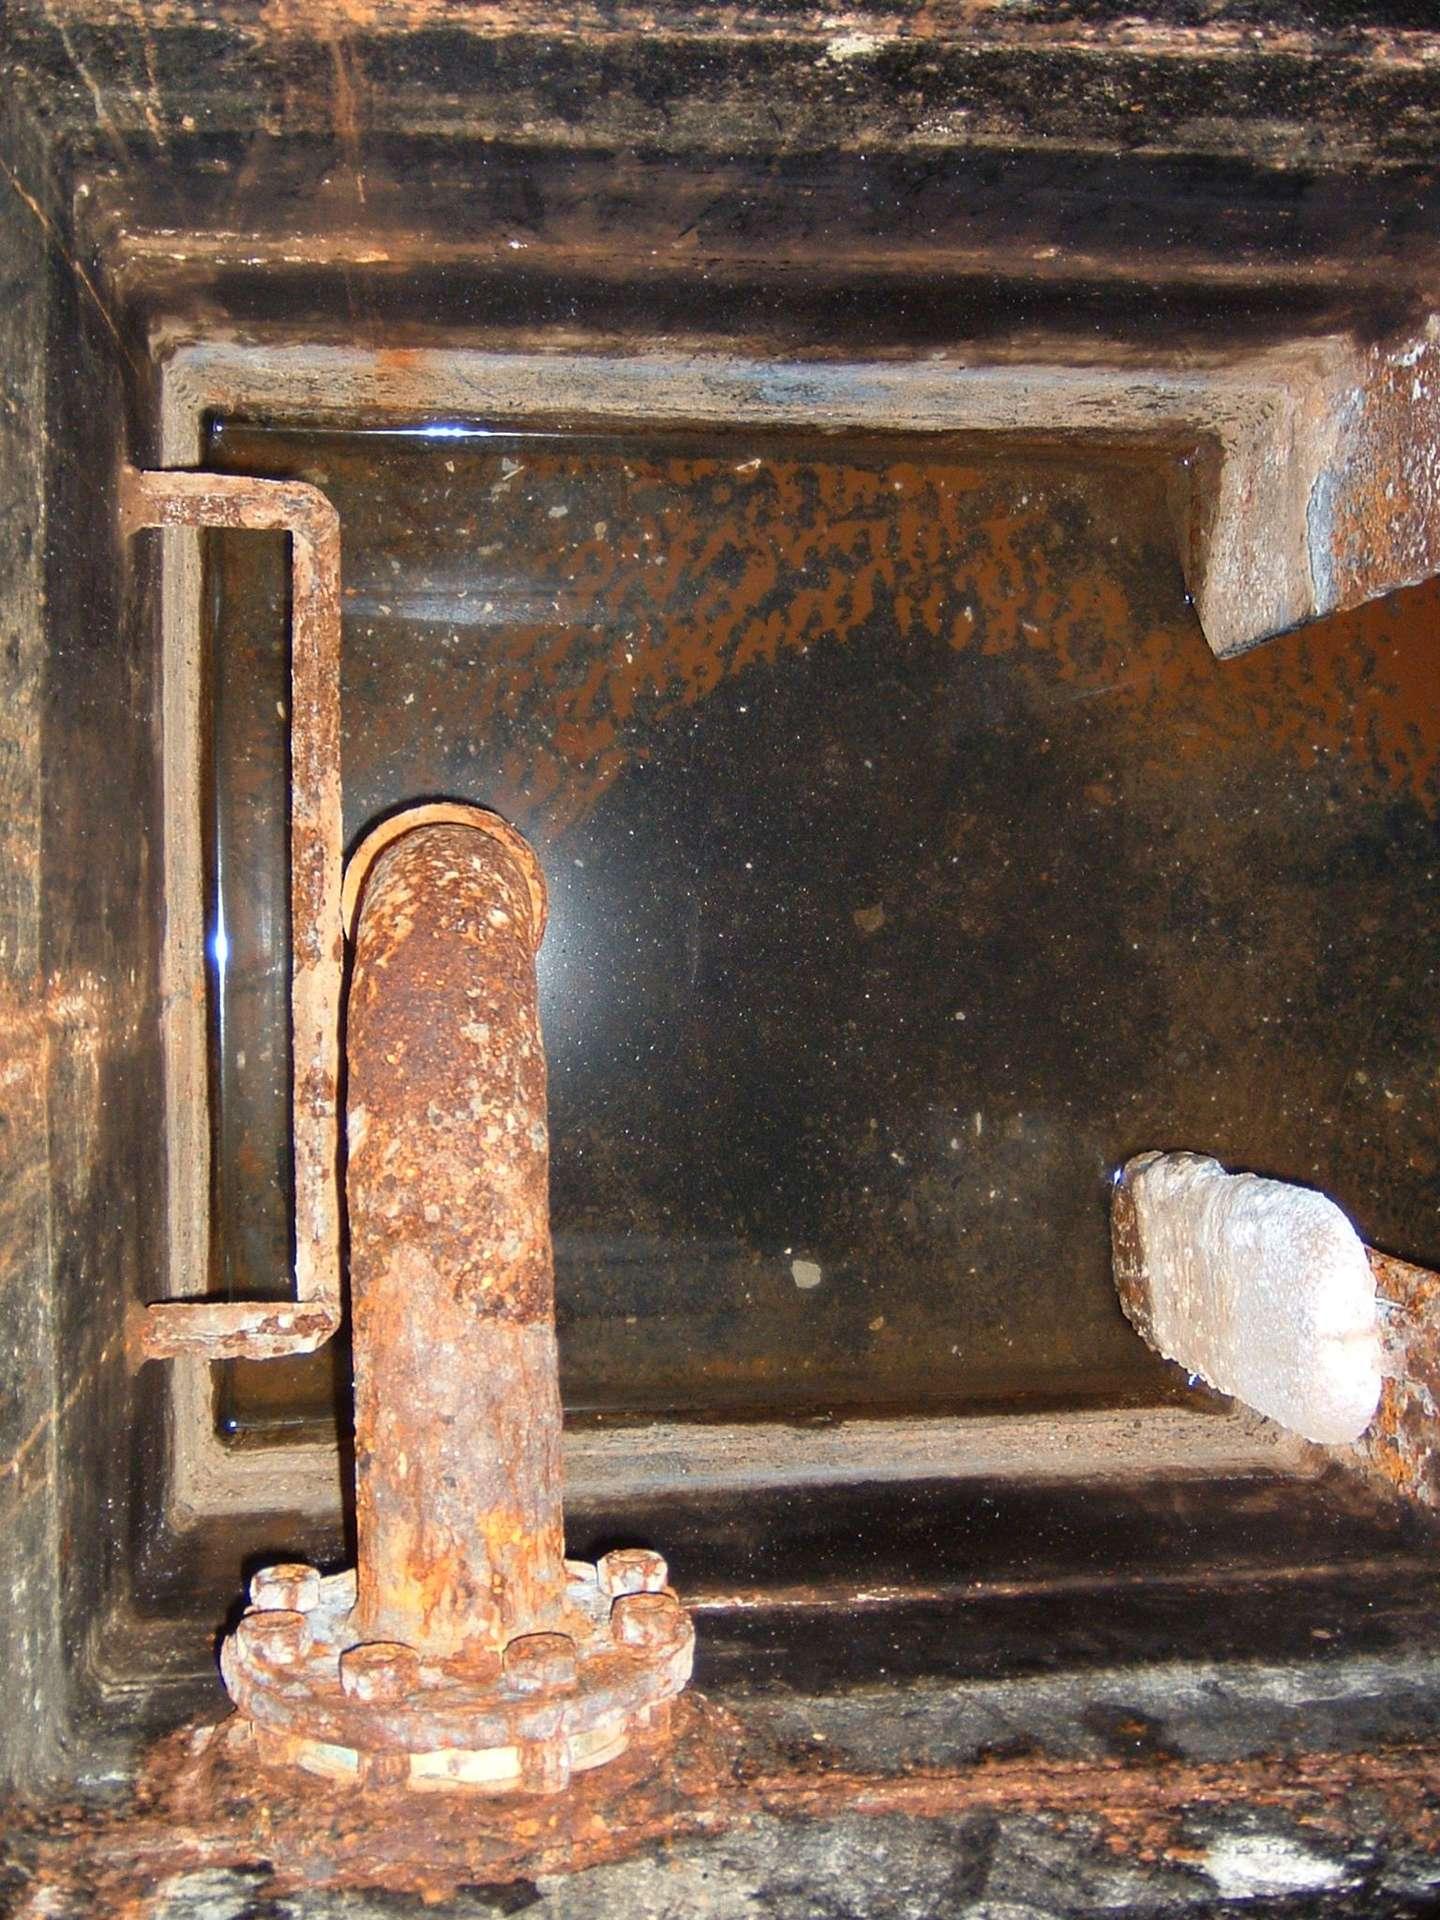 Un puisard est une excavation dont le but est de recueillir l'eau. Ici un puisard de cale. © Clipper, CC BY 2.5, Wikipedia Commons